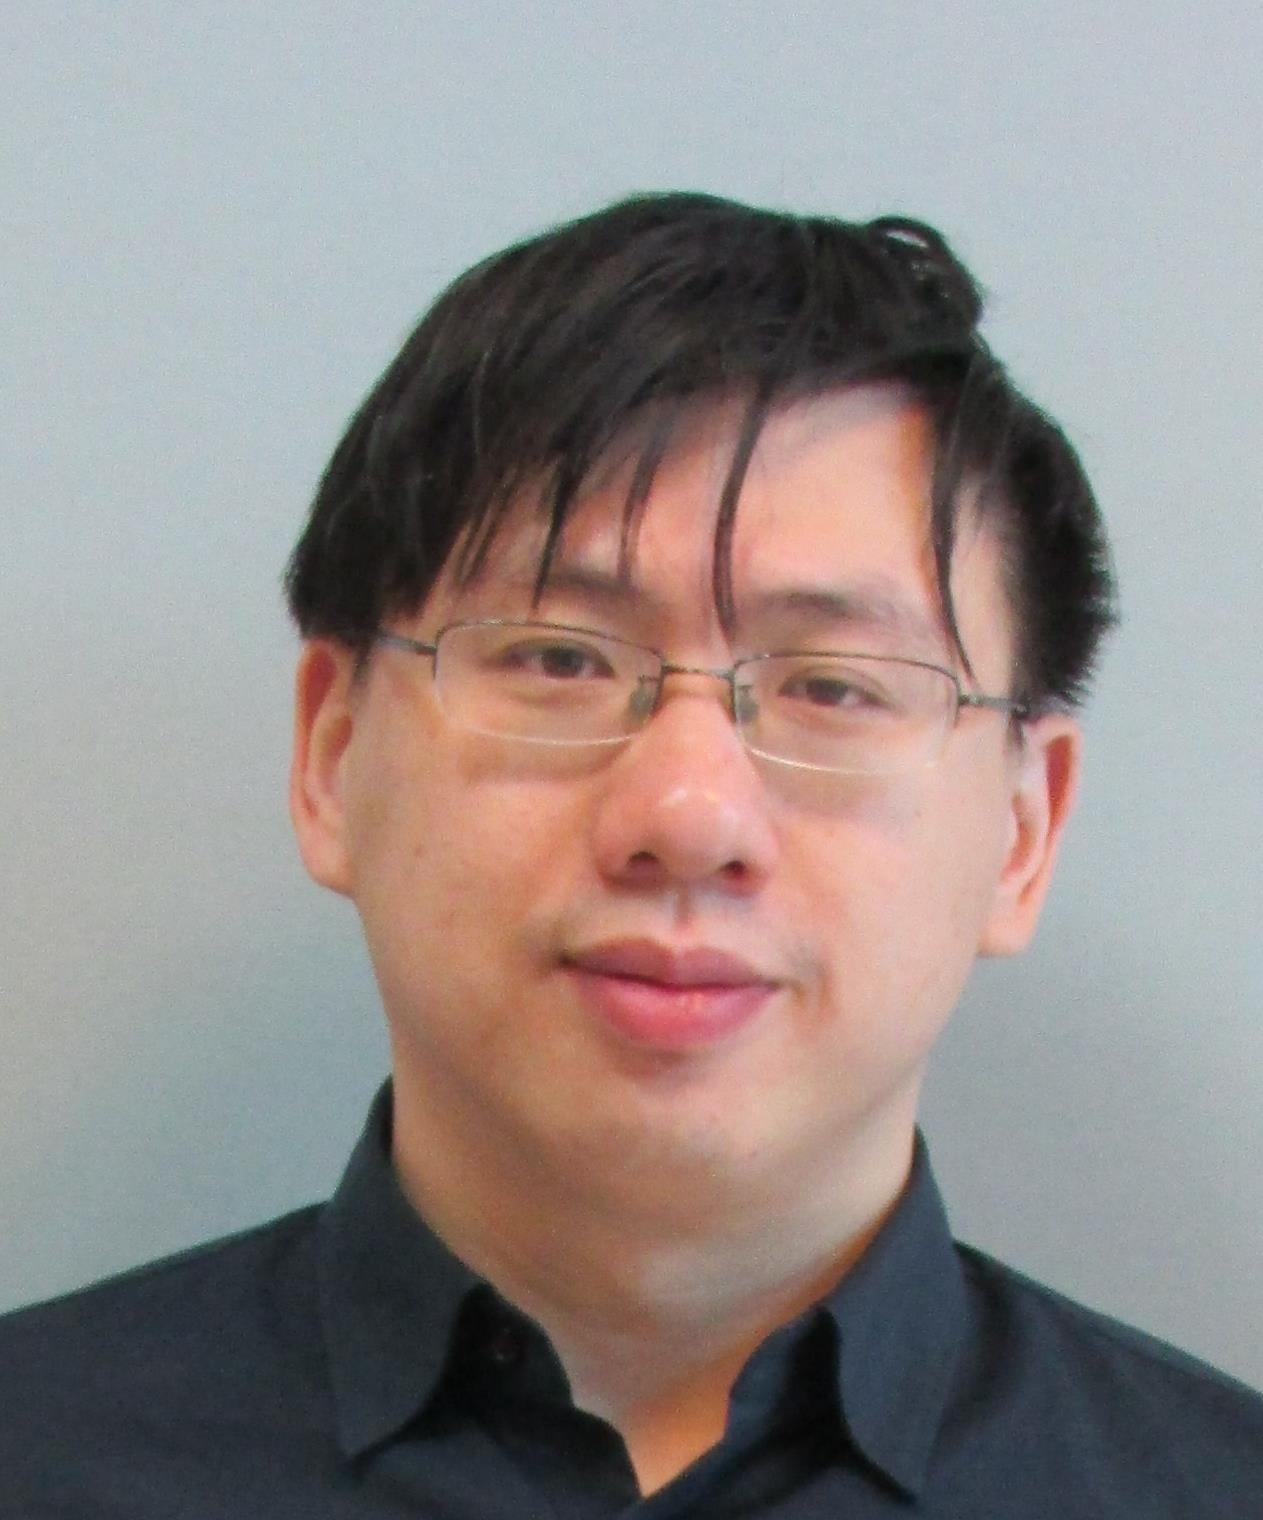 Dr. Yifan Yang